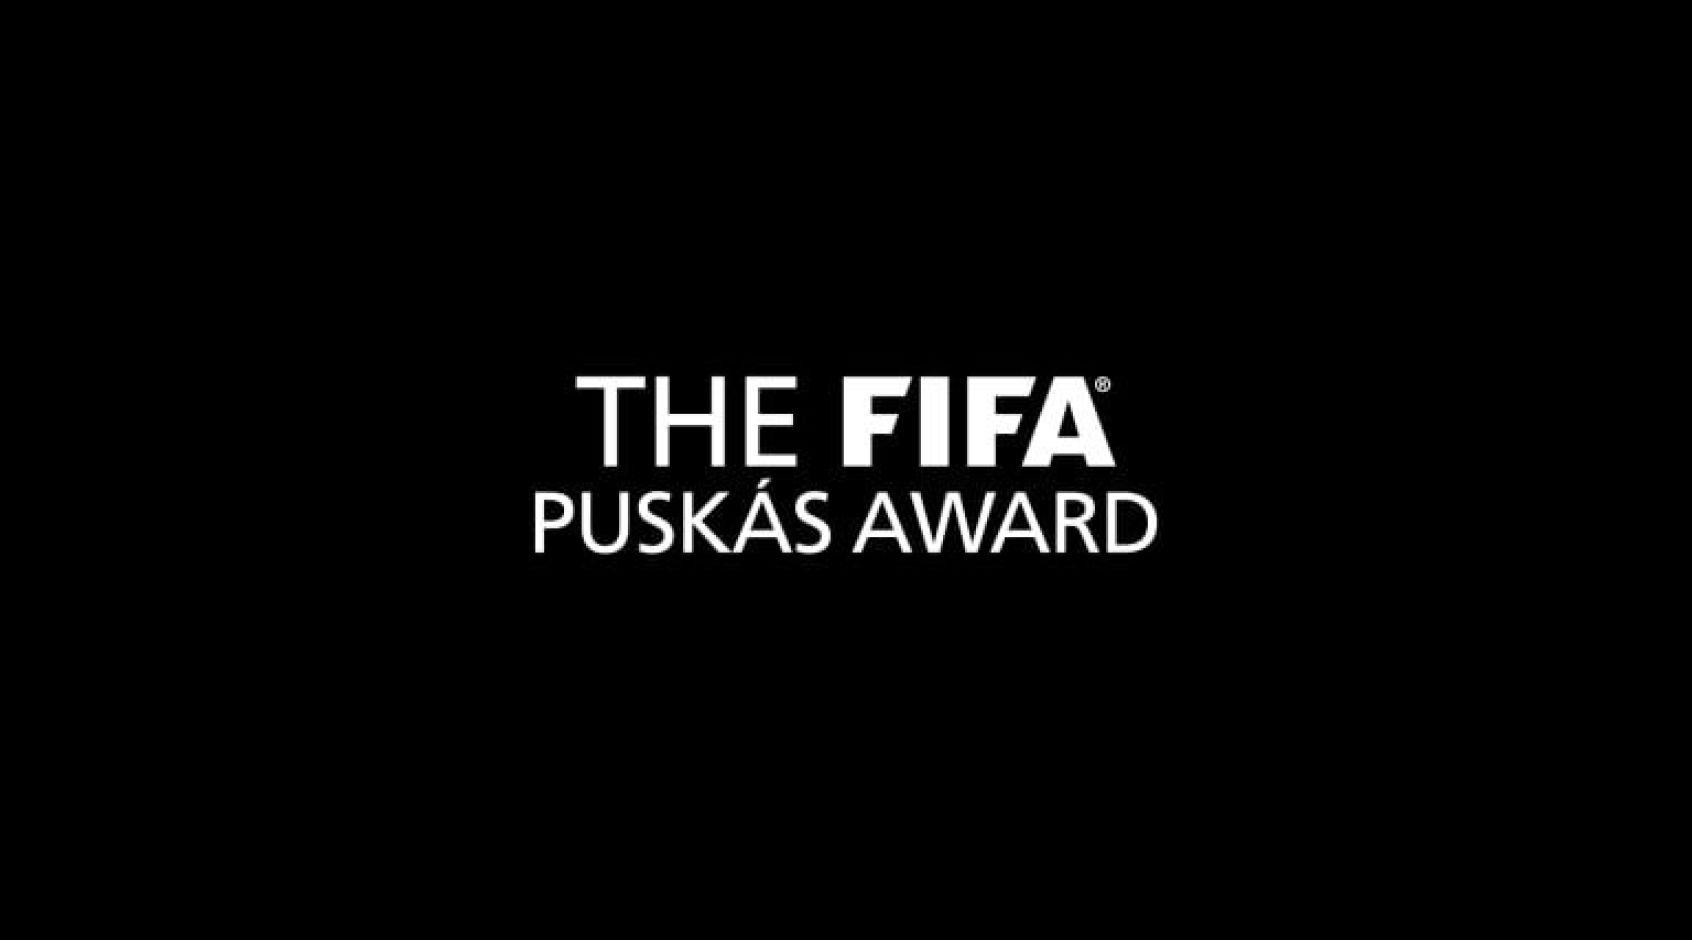 18-летний Жори получил премию имени Пушкаша за самый красивый гол года (+Видео)